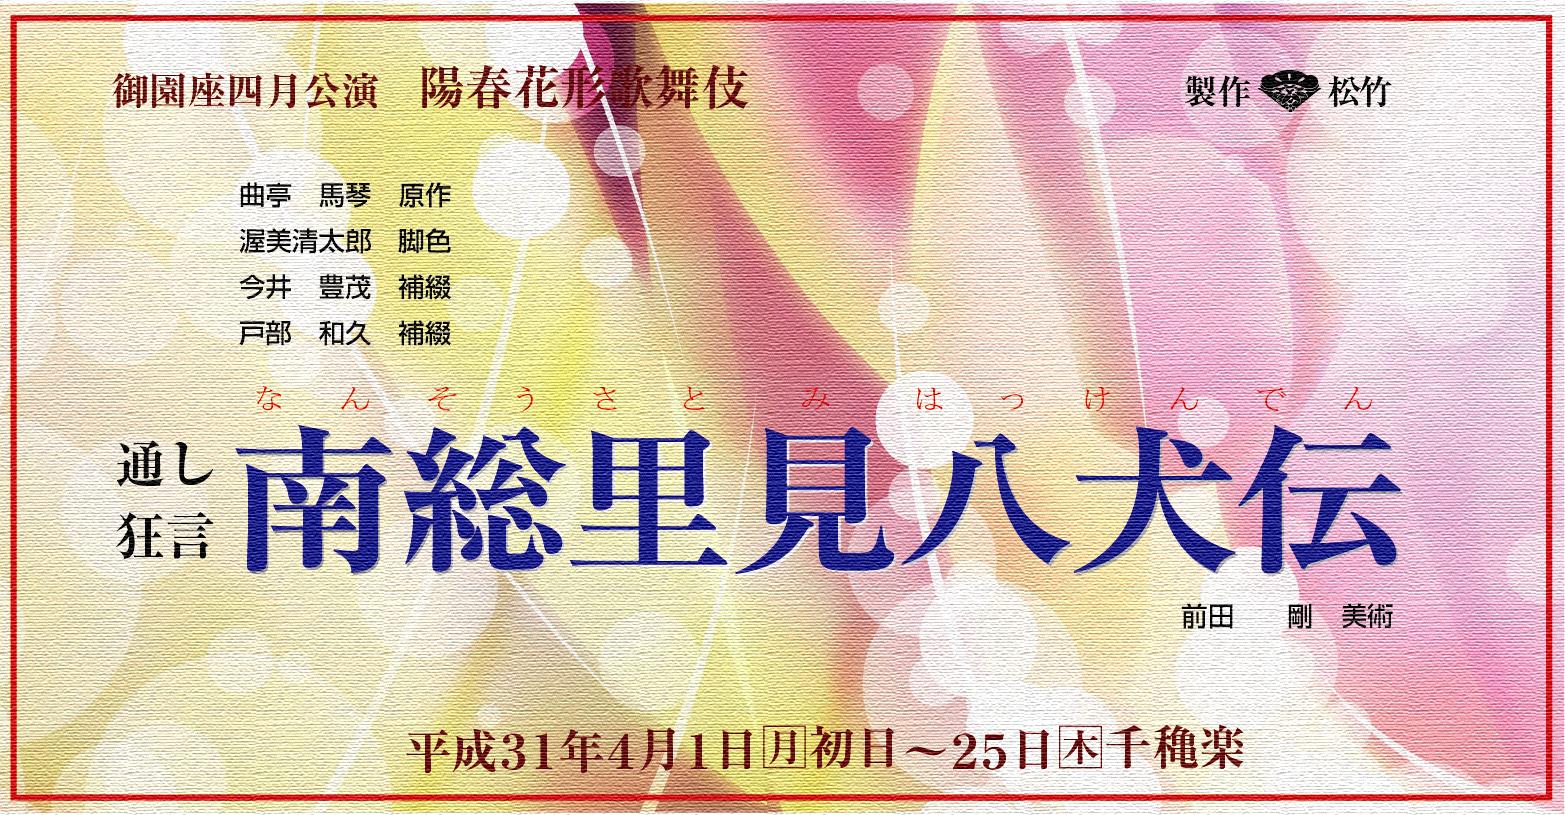 陽春花形歌舞伎